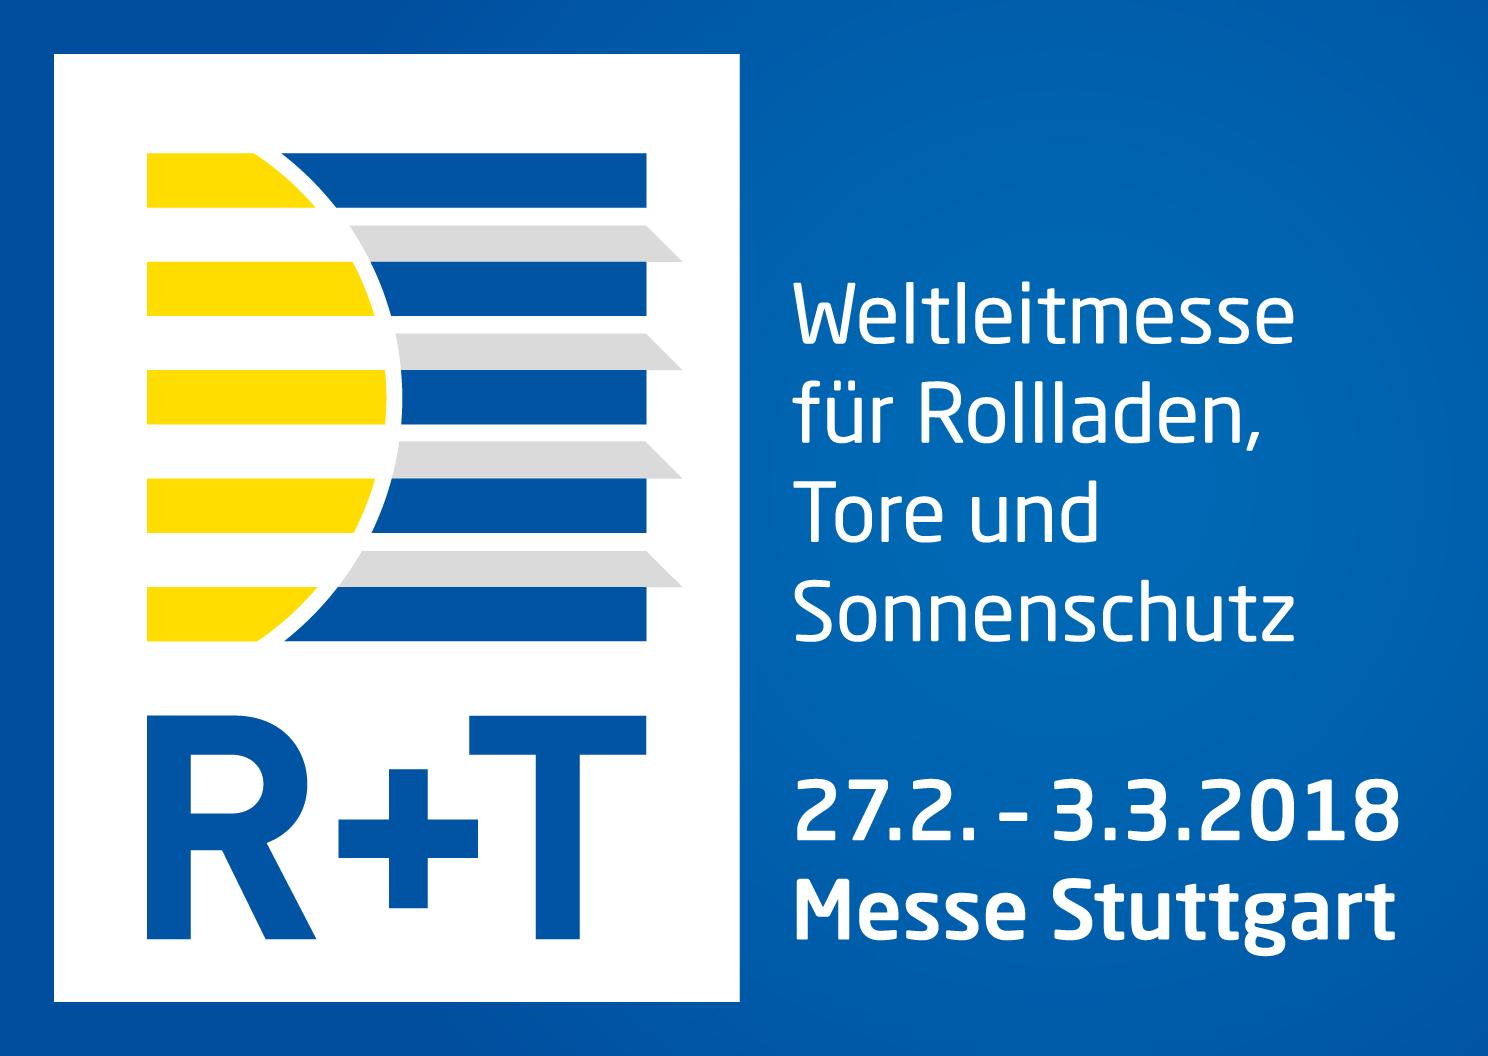 Messe Stuttgart R+T